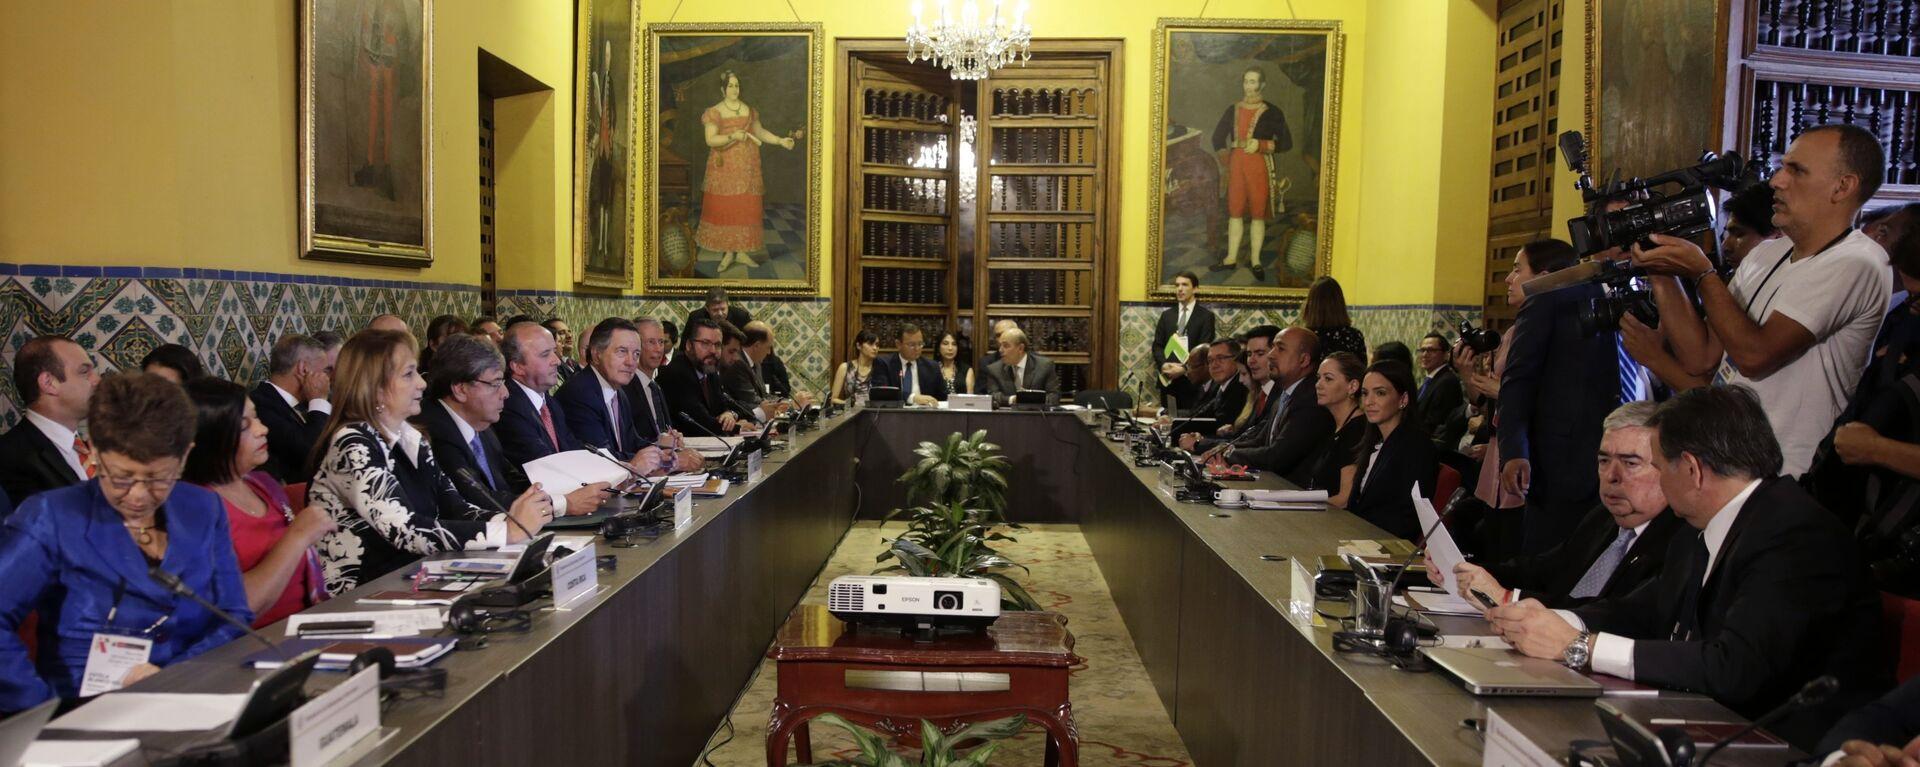 La cumbre del Grupo de Lima en la capital peruana - Sputnik Mundo, 1920, 10.08.2021